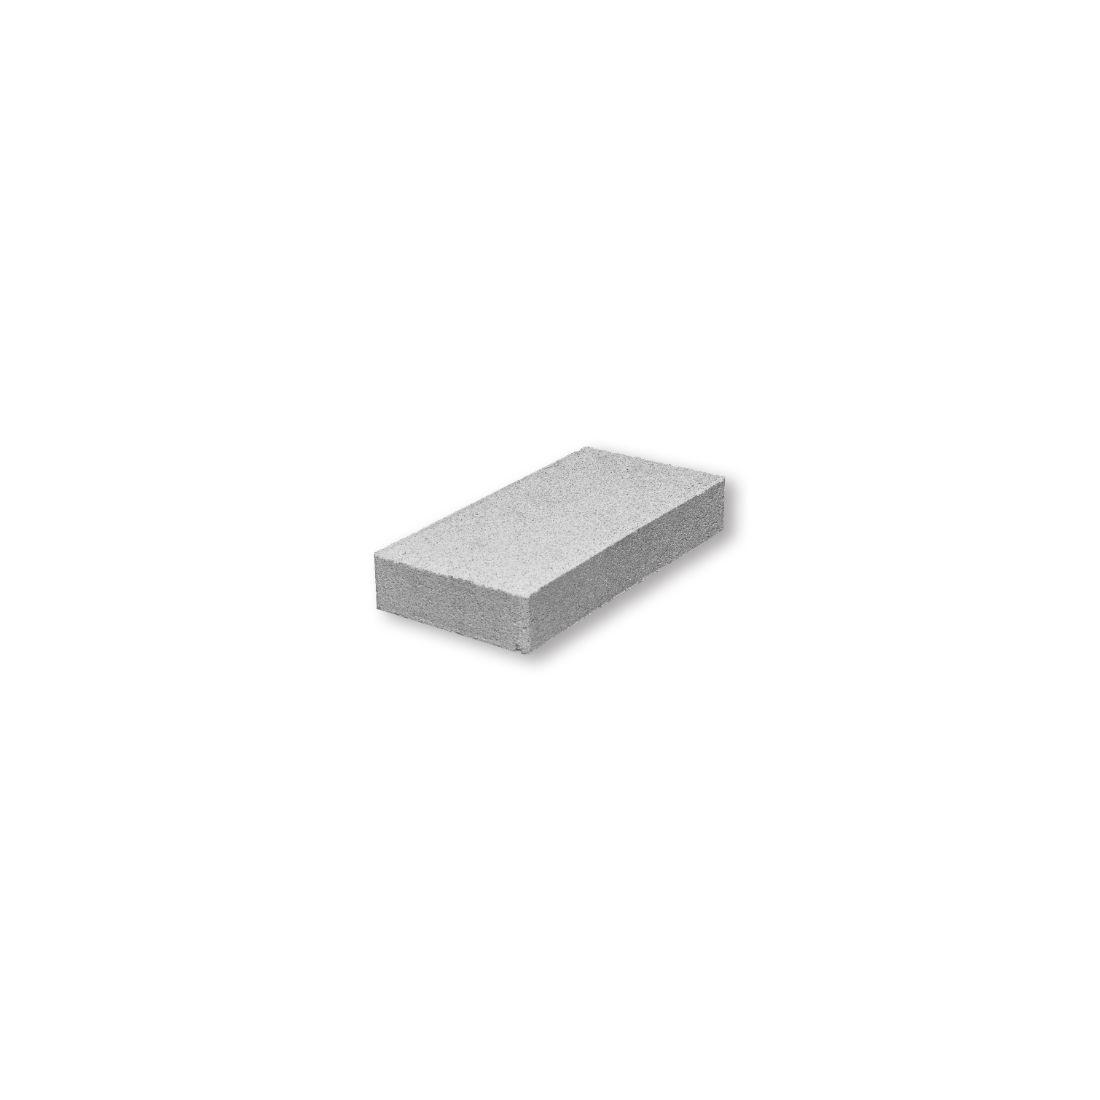 Unipave Concrete Paver 230 x 115 x 40mm Ash